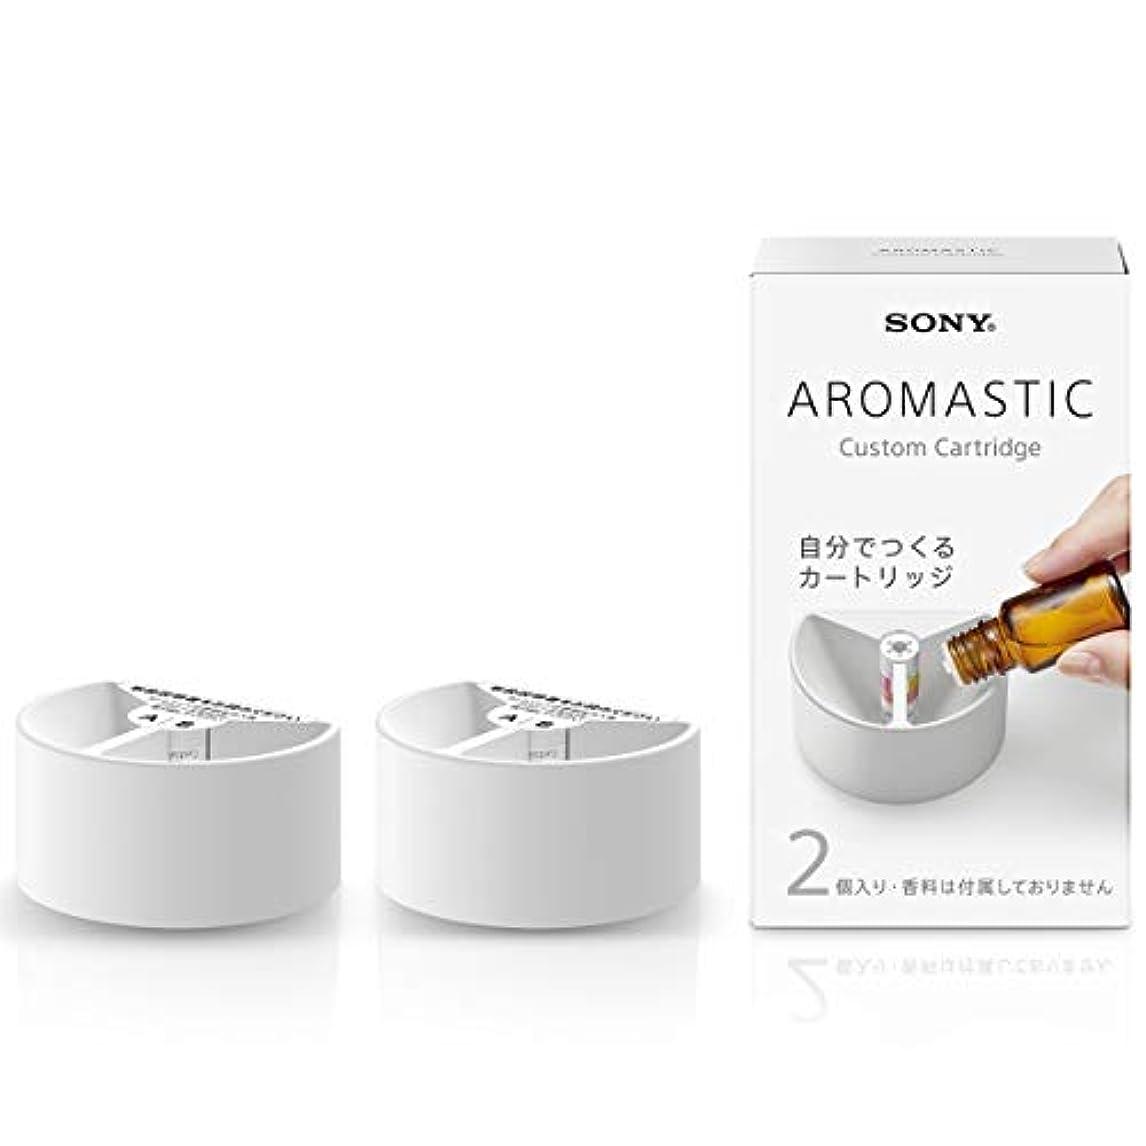 アライメント間違えた孤児AROMASTIC Custom Cartridge(カスタムカートリッジ) OE-SC001